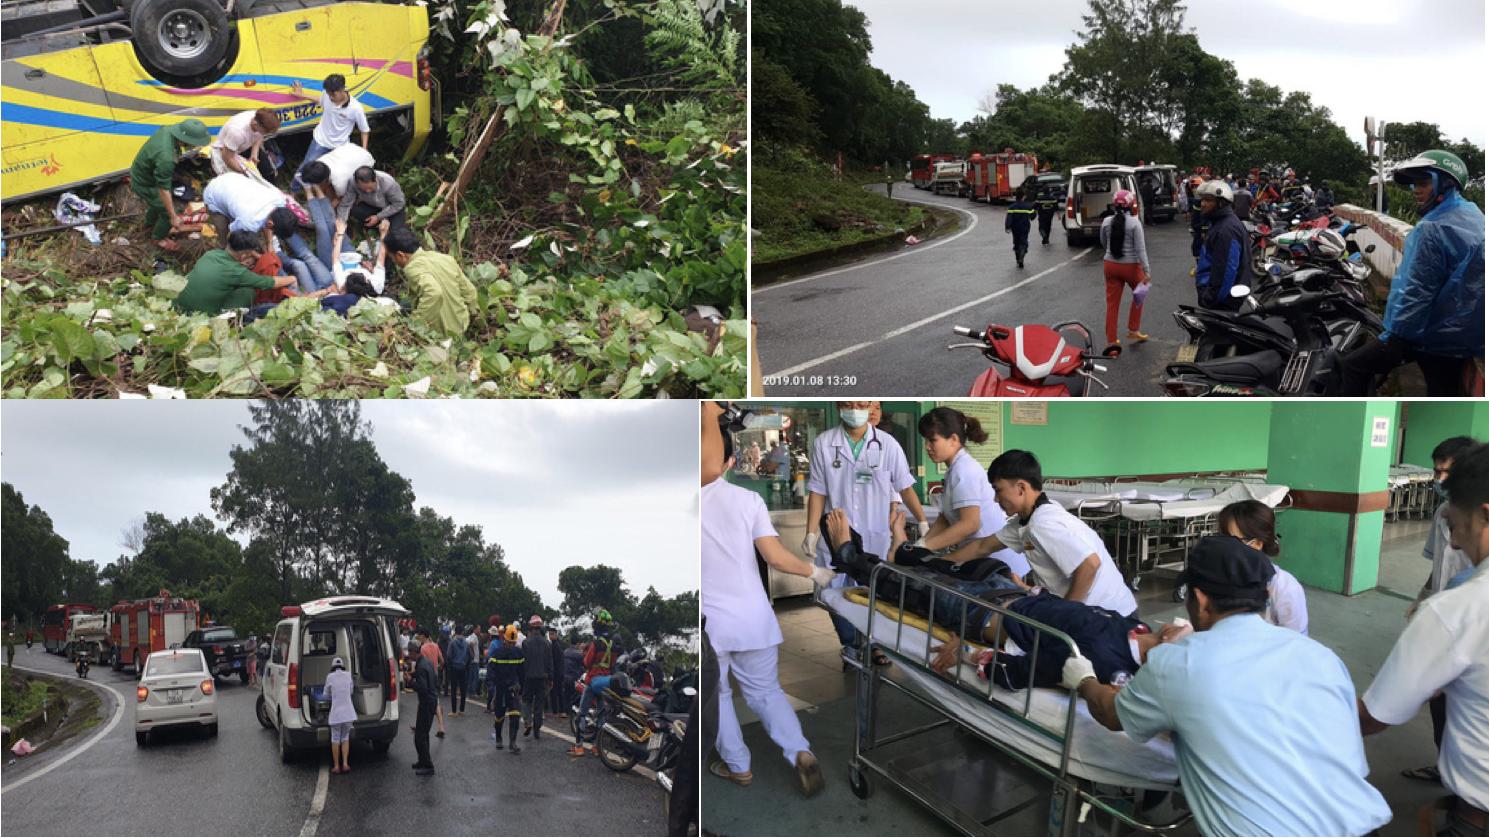 Xe chở sinh viên, giáo viên gặp nạn ở đèo Hải Vân, 1 người chết